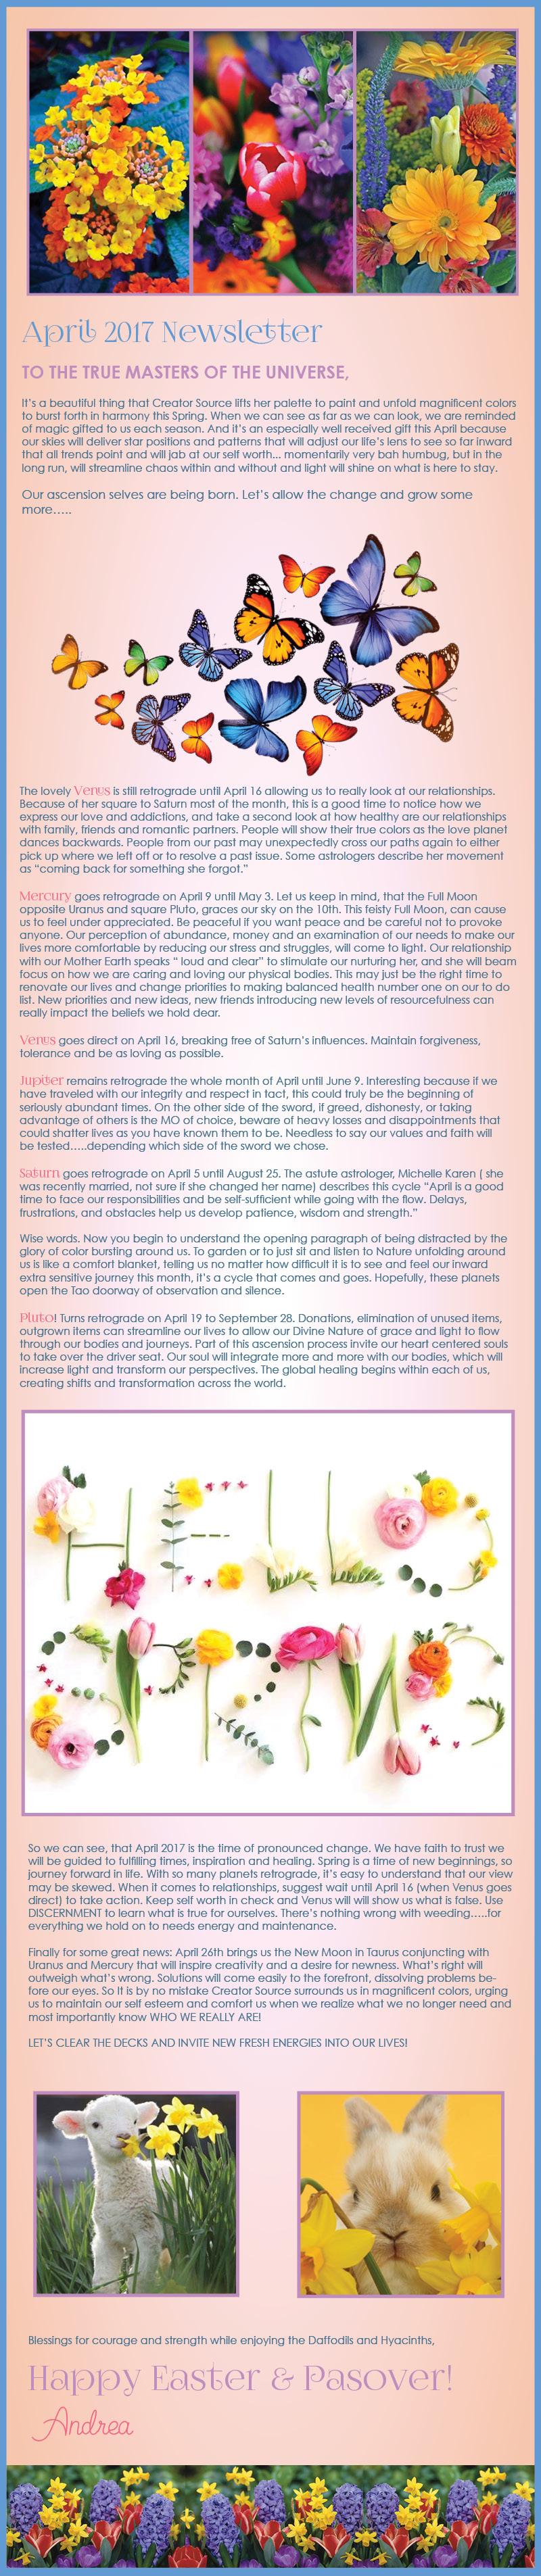 April-Newsletter-2017.jpg